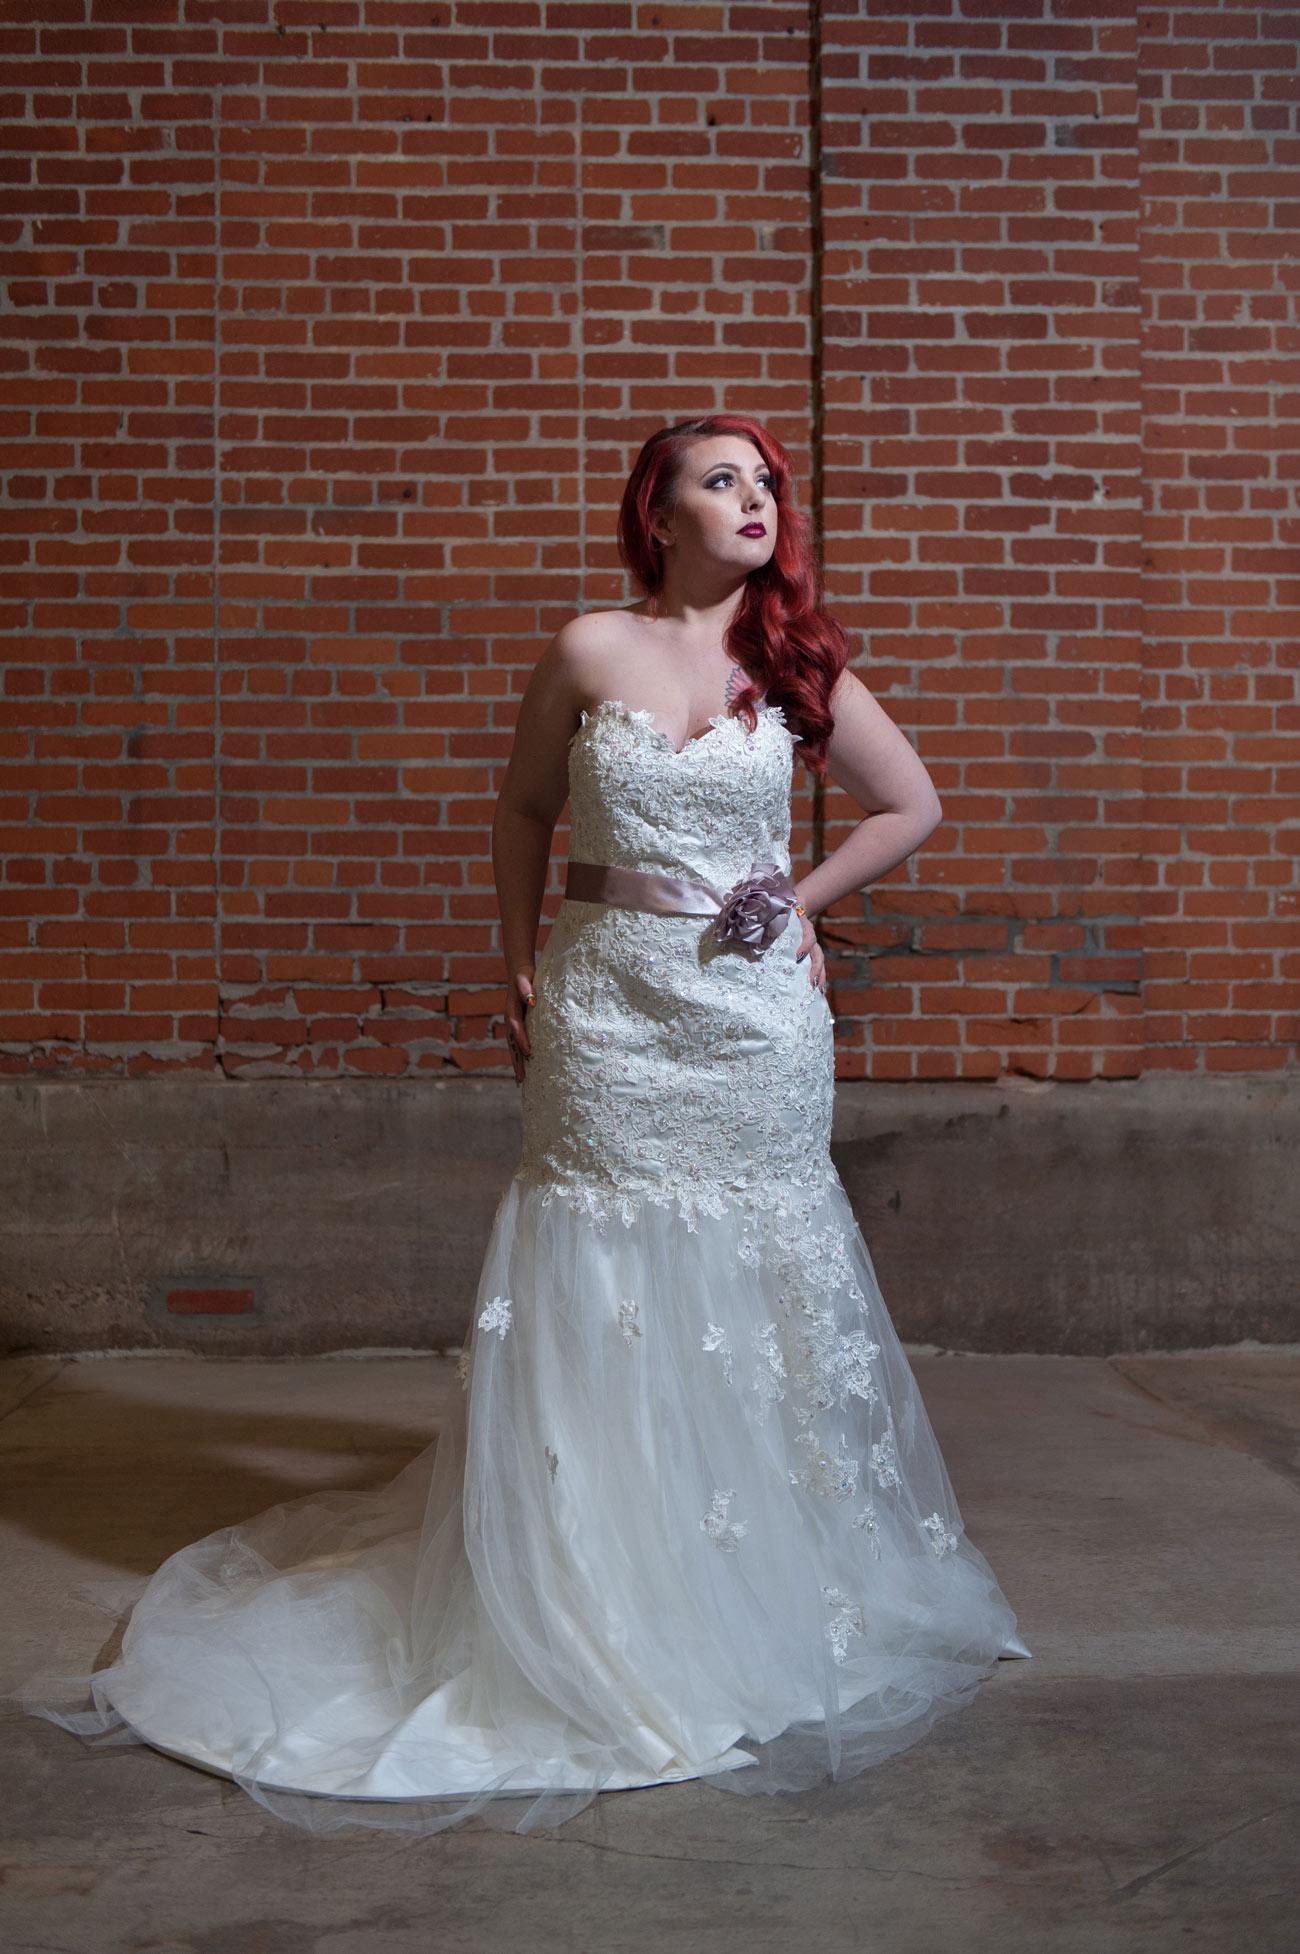 Buyer Beware: Knock-Off Wedding Gowns • Sacbride.com